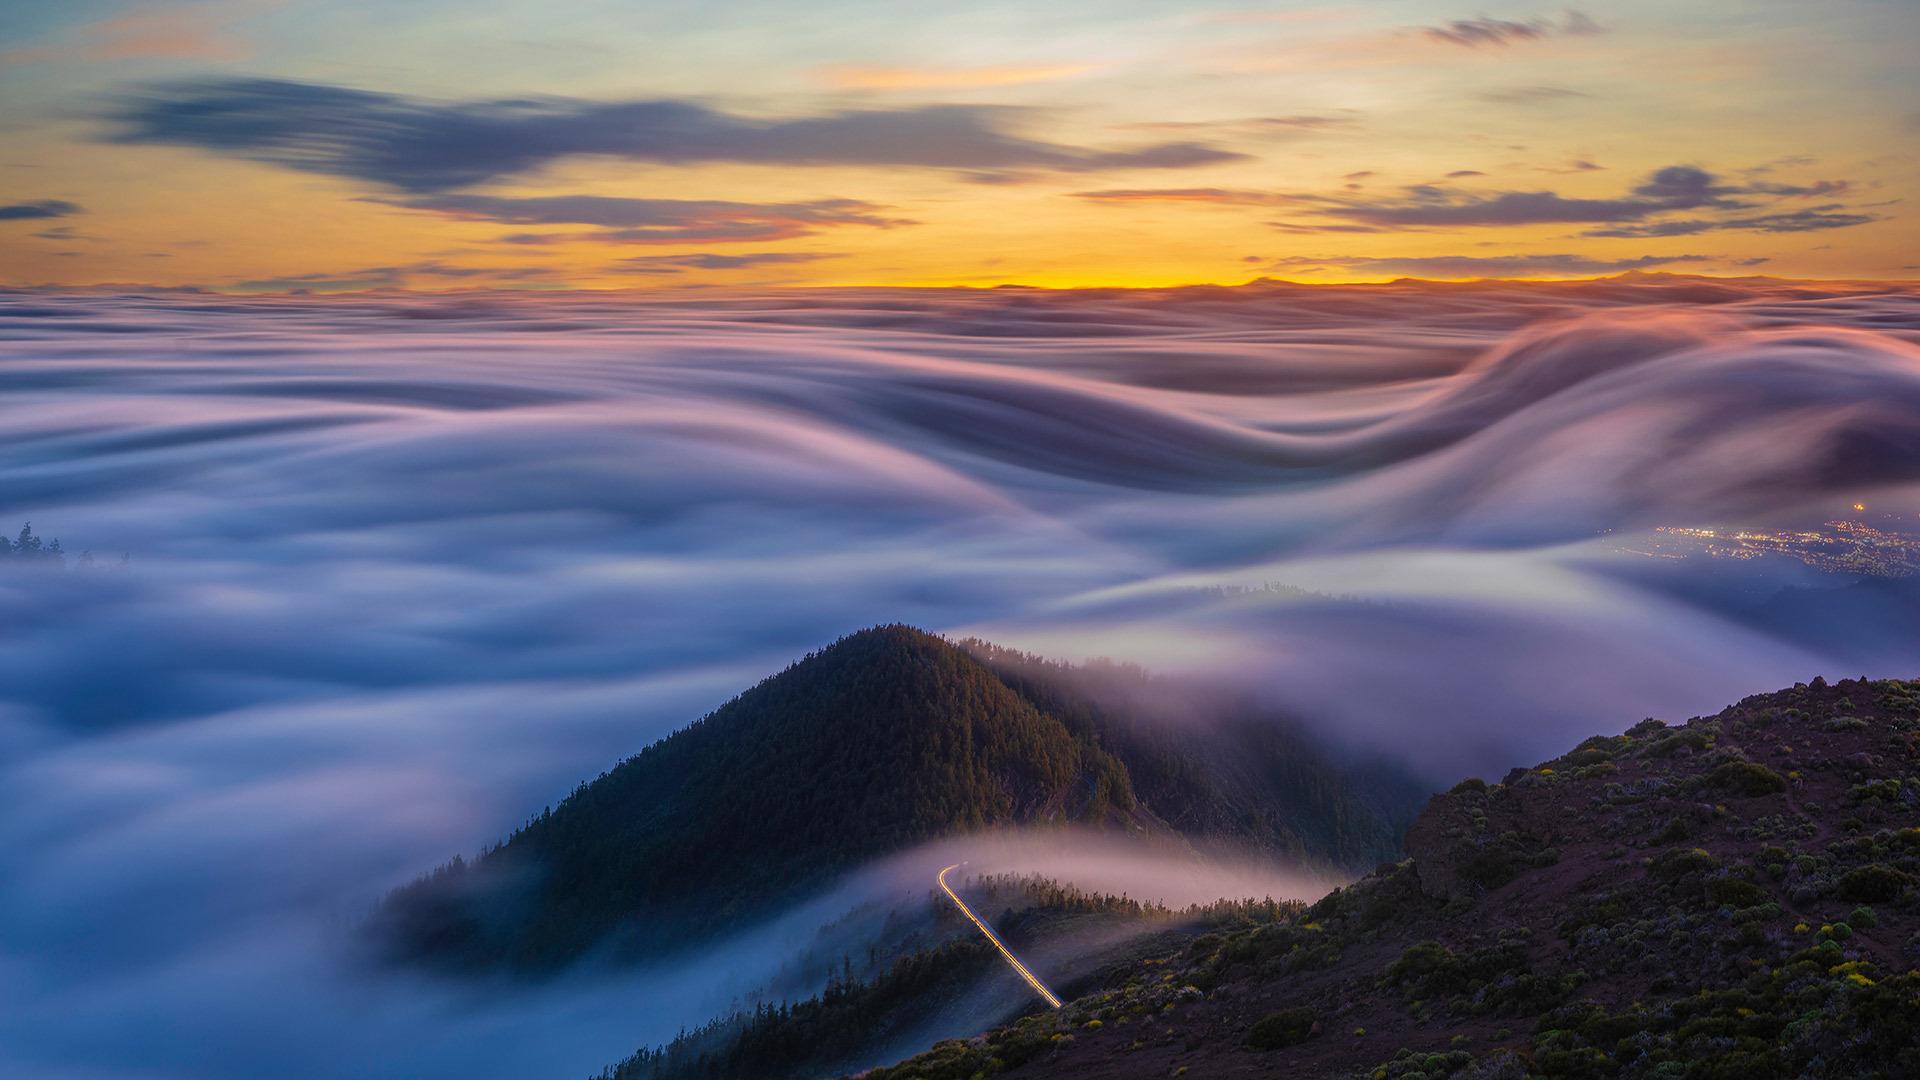 大西洋和特内里费山脉上空的流云流云